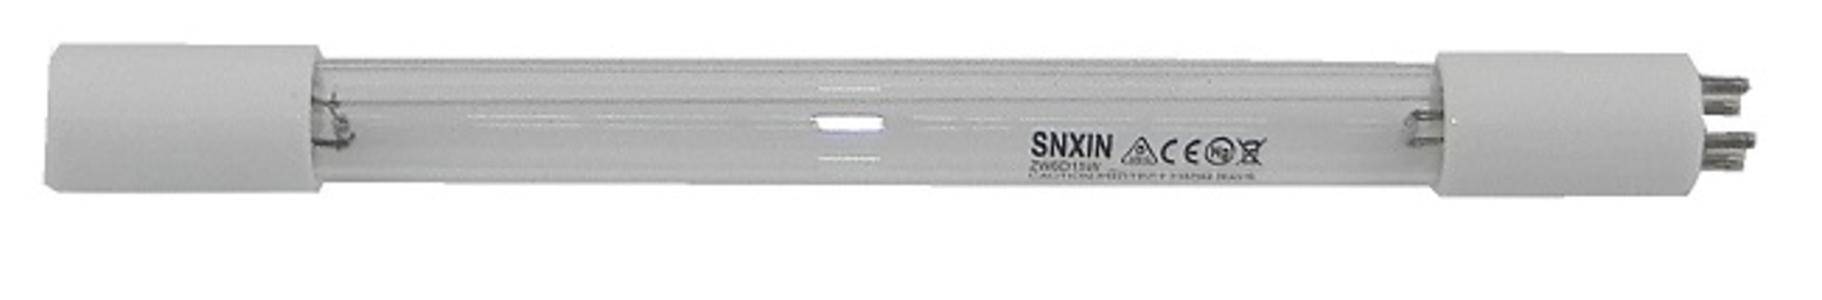 Lampada UV 6 Watt T5 per debatterizzatore acqua.